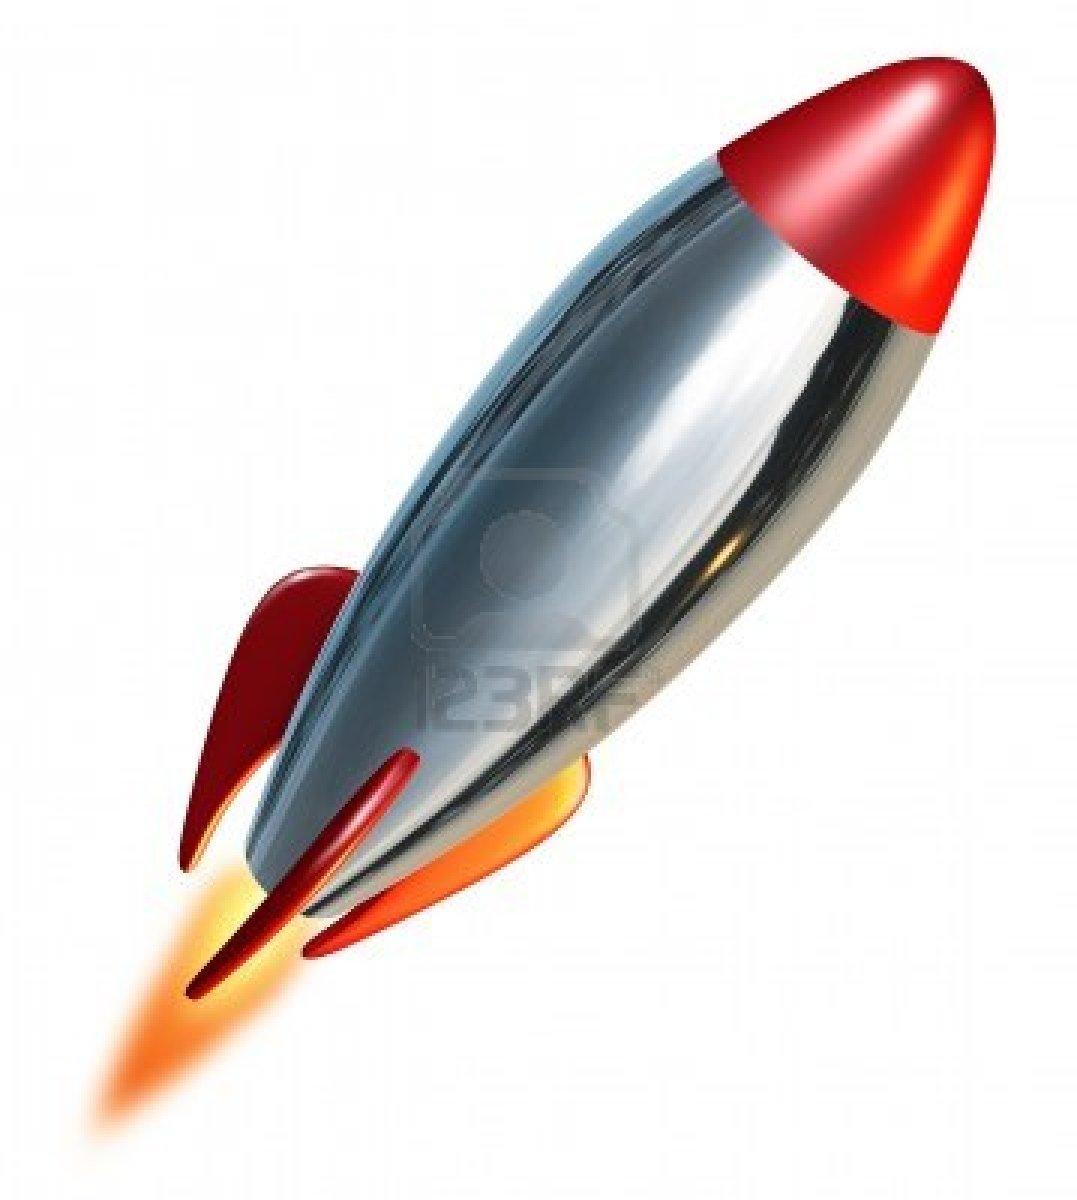 10576935 lancio esplosione razzo off che rappresentano un - Immagini stampabili a razzo ...